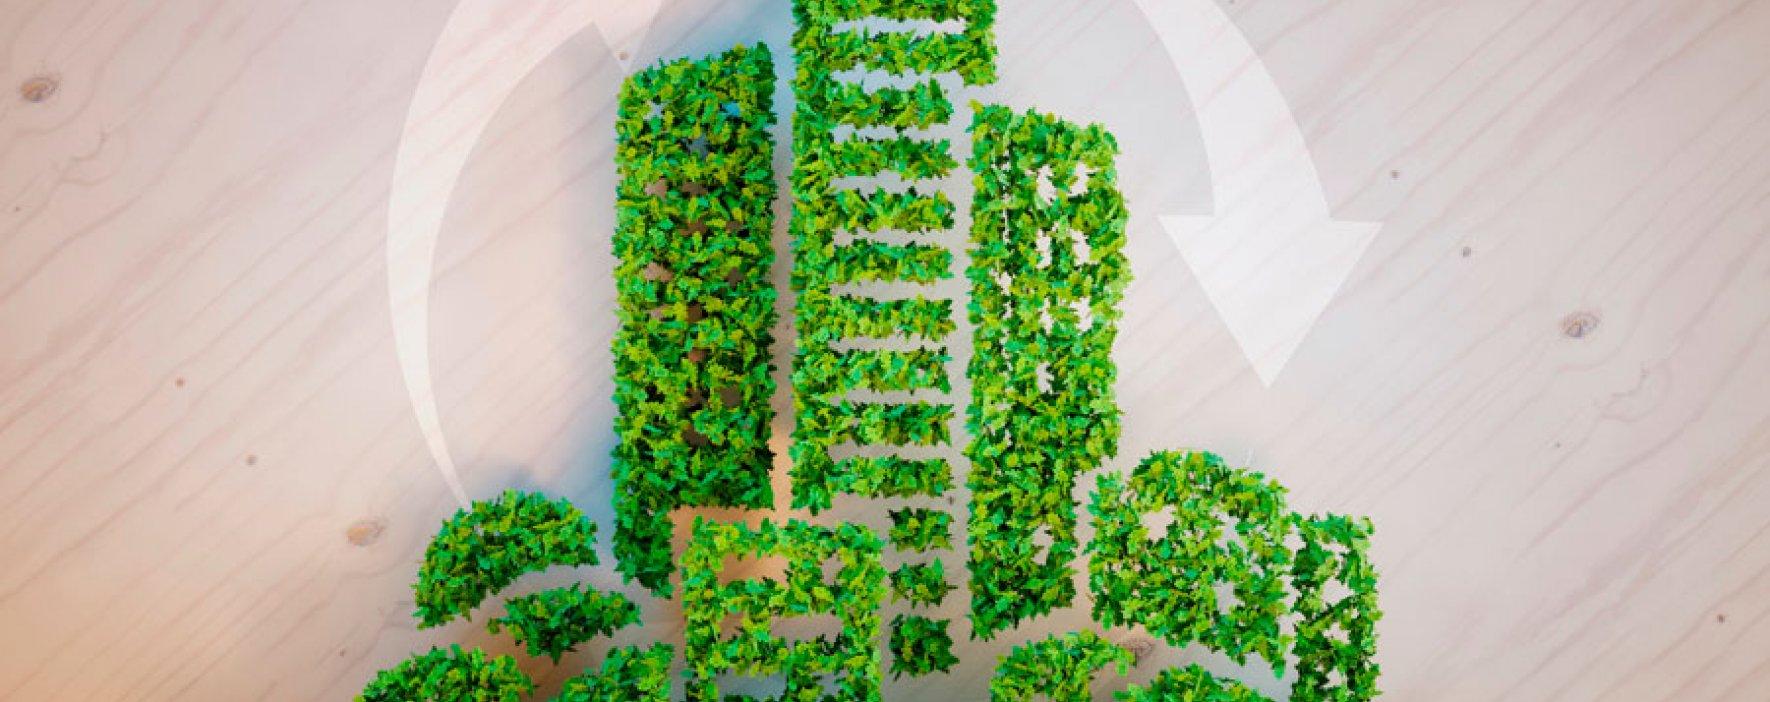 e693a41f8485 Proyectos de Ley que presentará el Ministerio de Ambiente y Desarrollo  Sostenible al Congreso